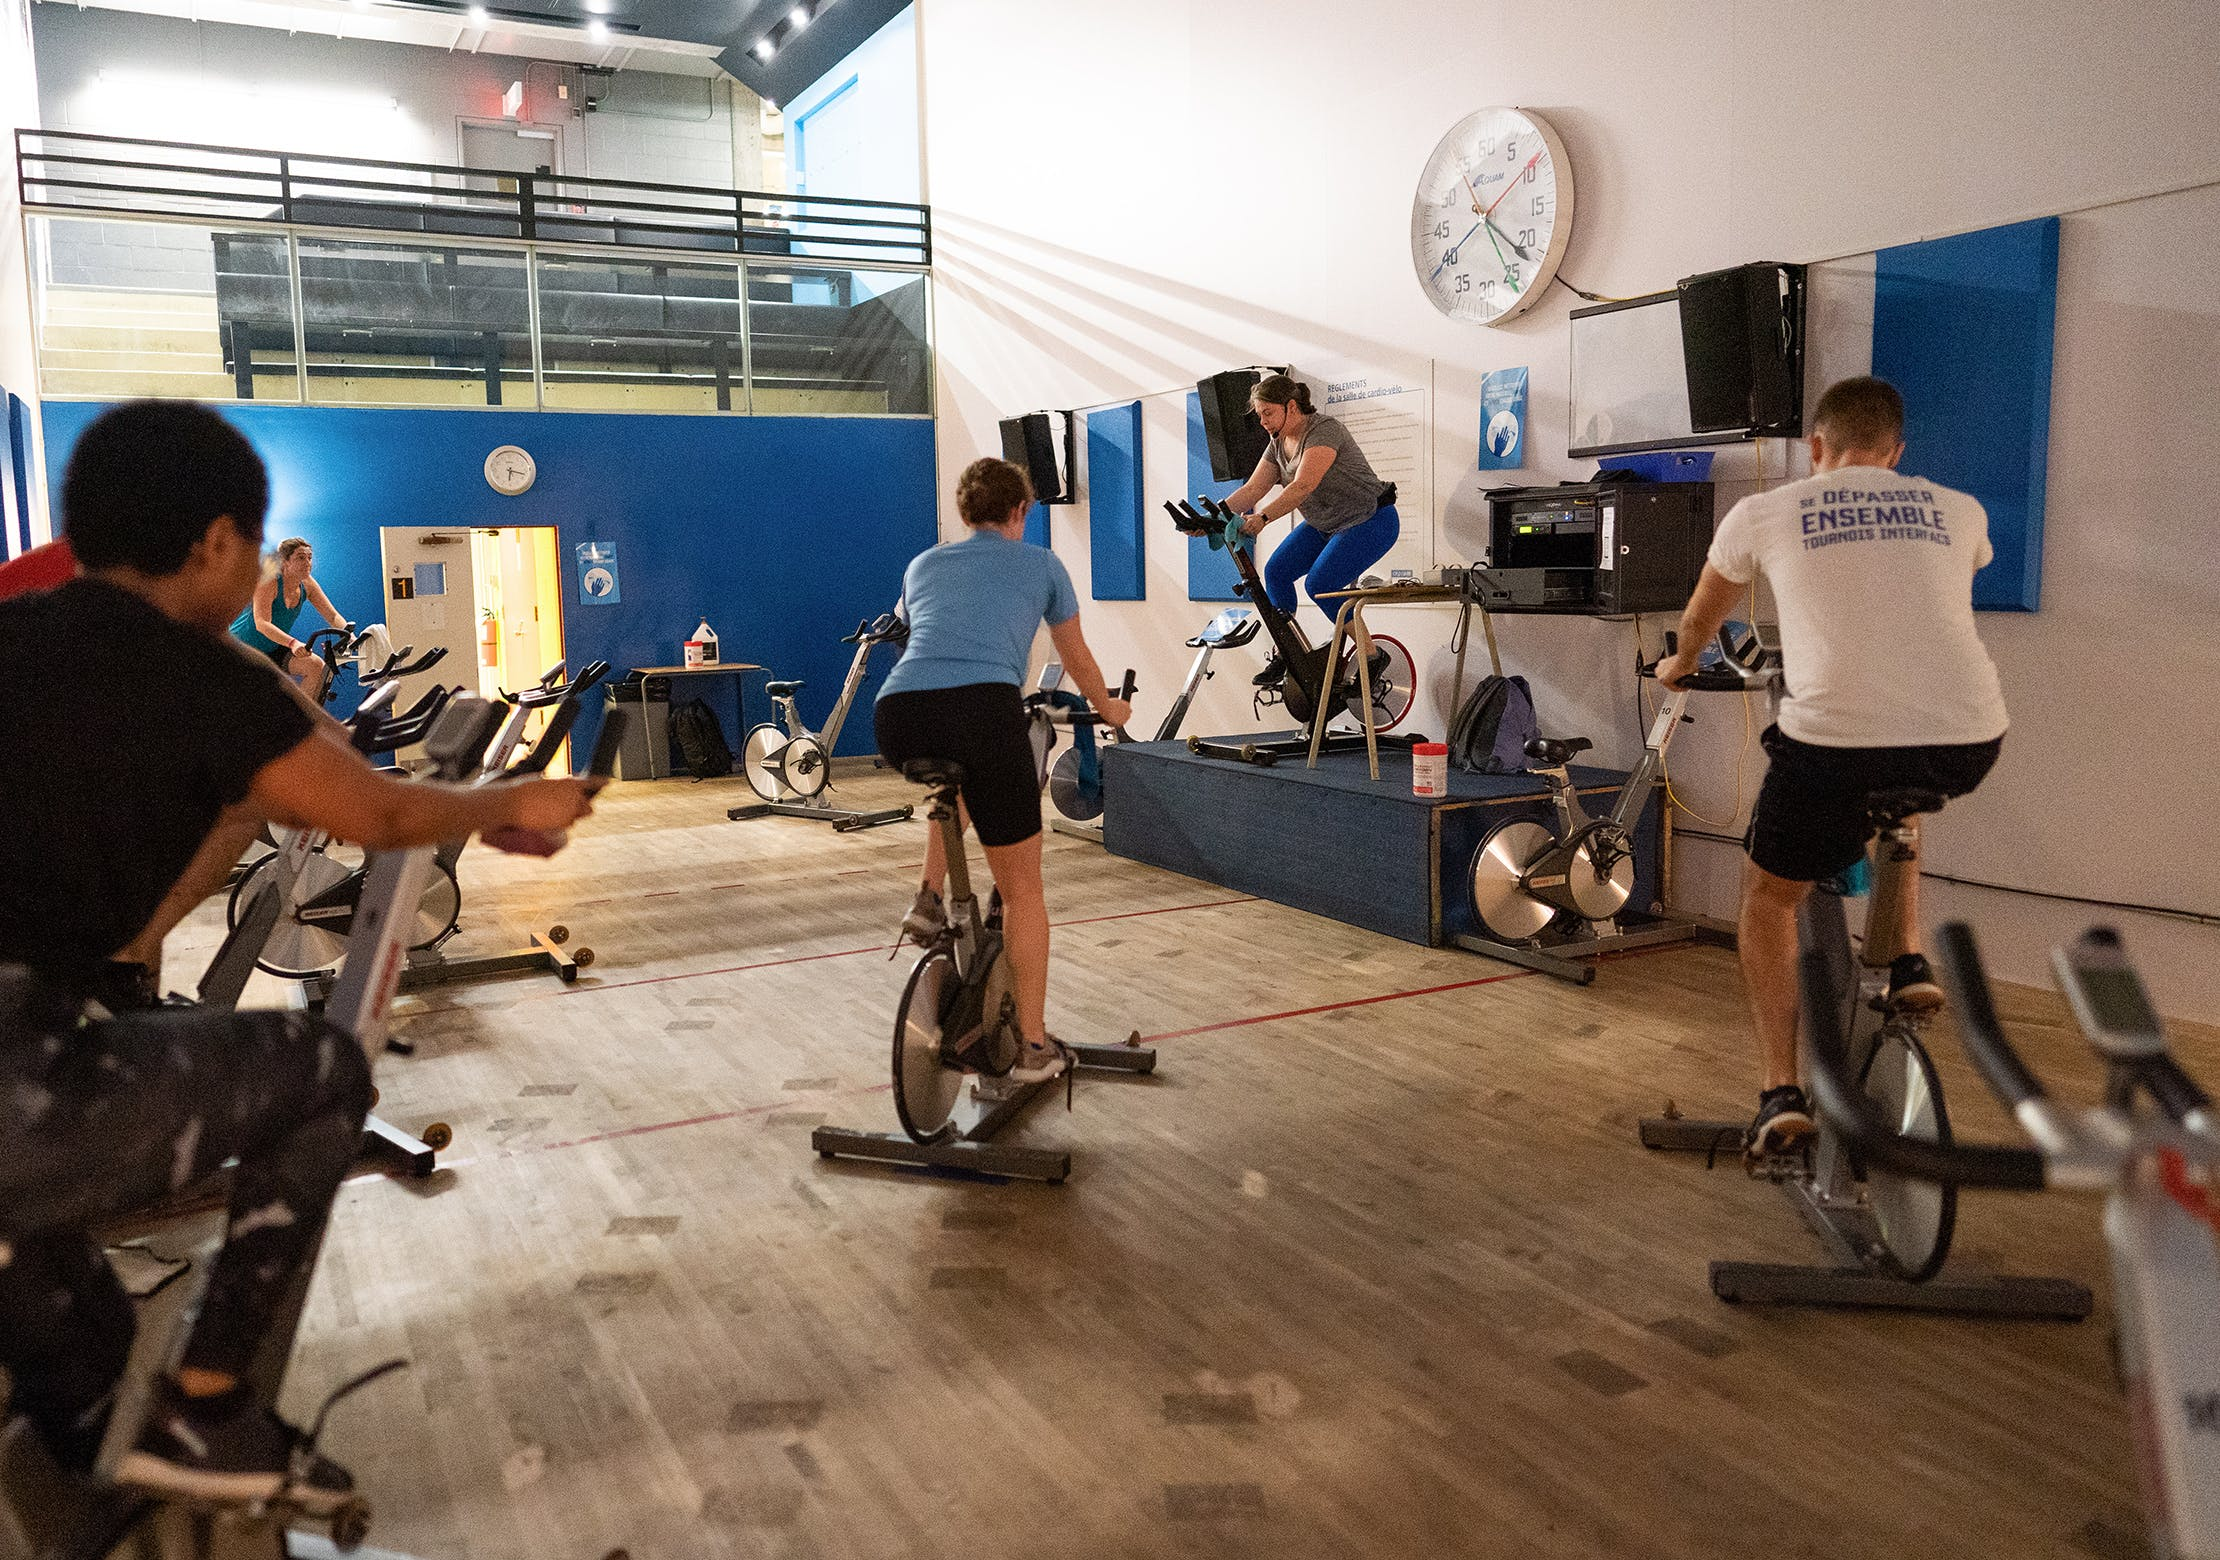 Cardio vélo plus   Conditionnement physique CEPSUM